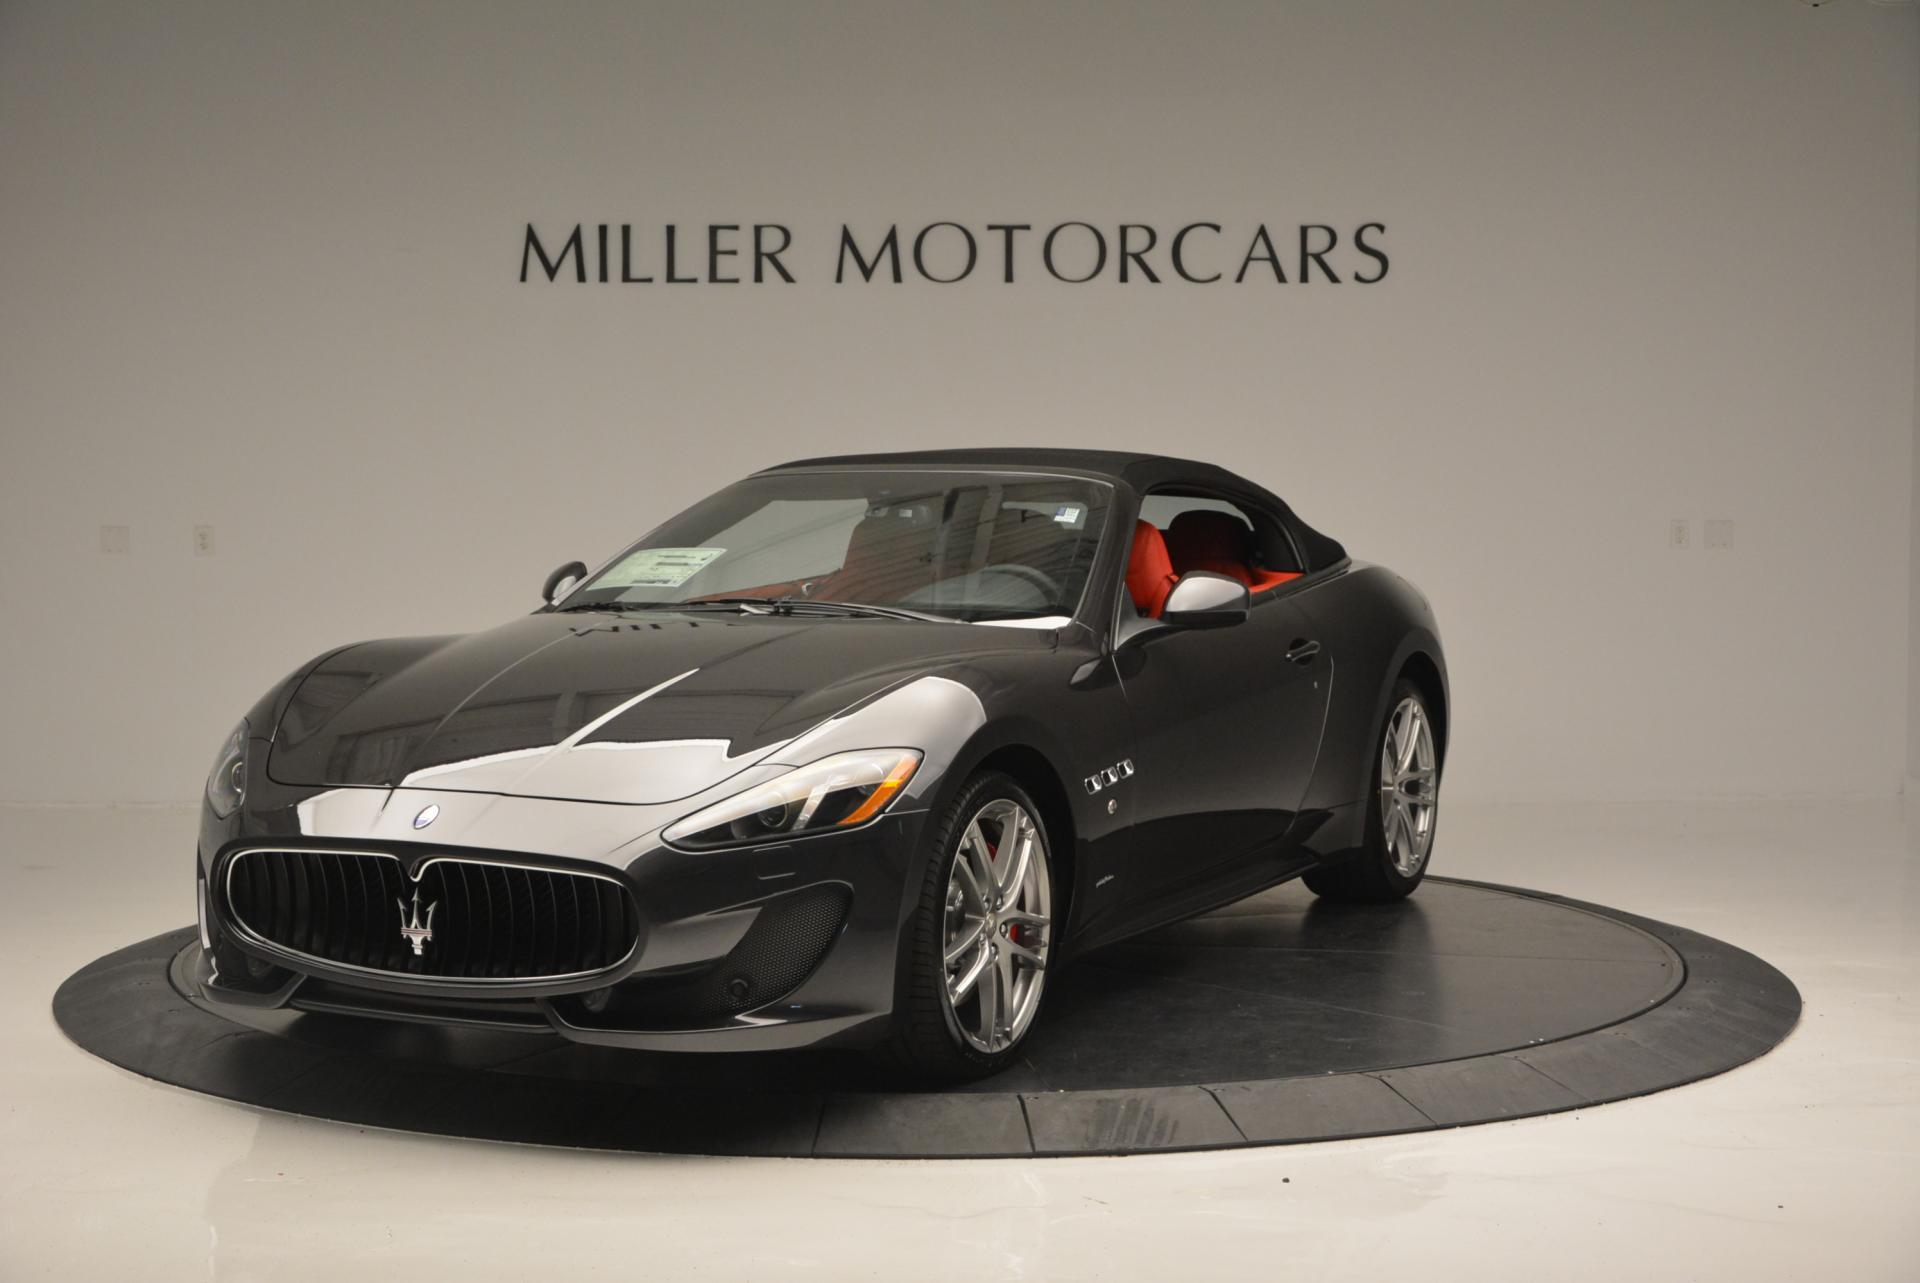 New 2017 Maserati GranTurismo Convertible Sport For Sale In Greenwich, CT 156_p2